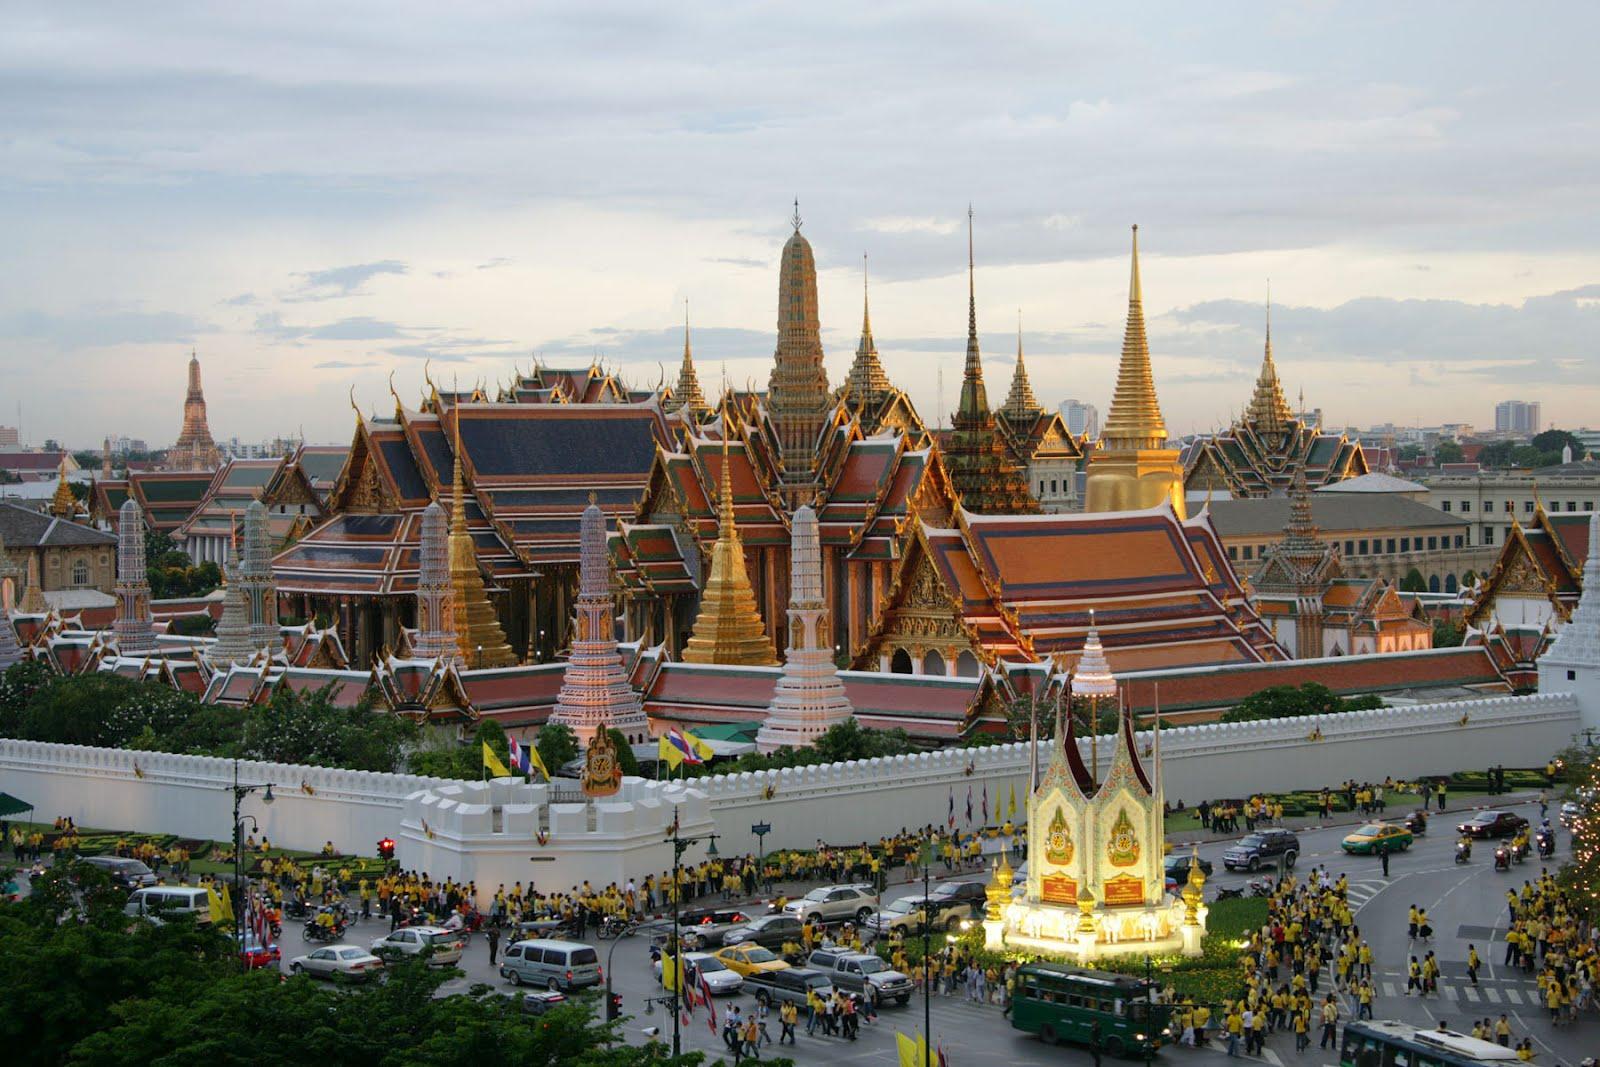 http://3.bp.blogspot.com/-eQNqSkaUQvI/T5dwynw_TUI/AAAAAAAABd4/1vv2Shrtu-4/s1600/bangkok-temple.jpg